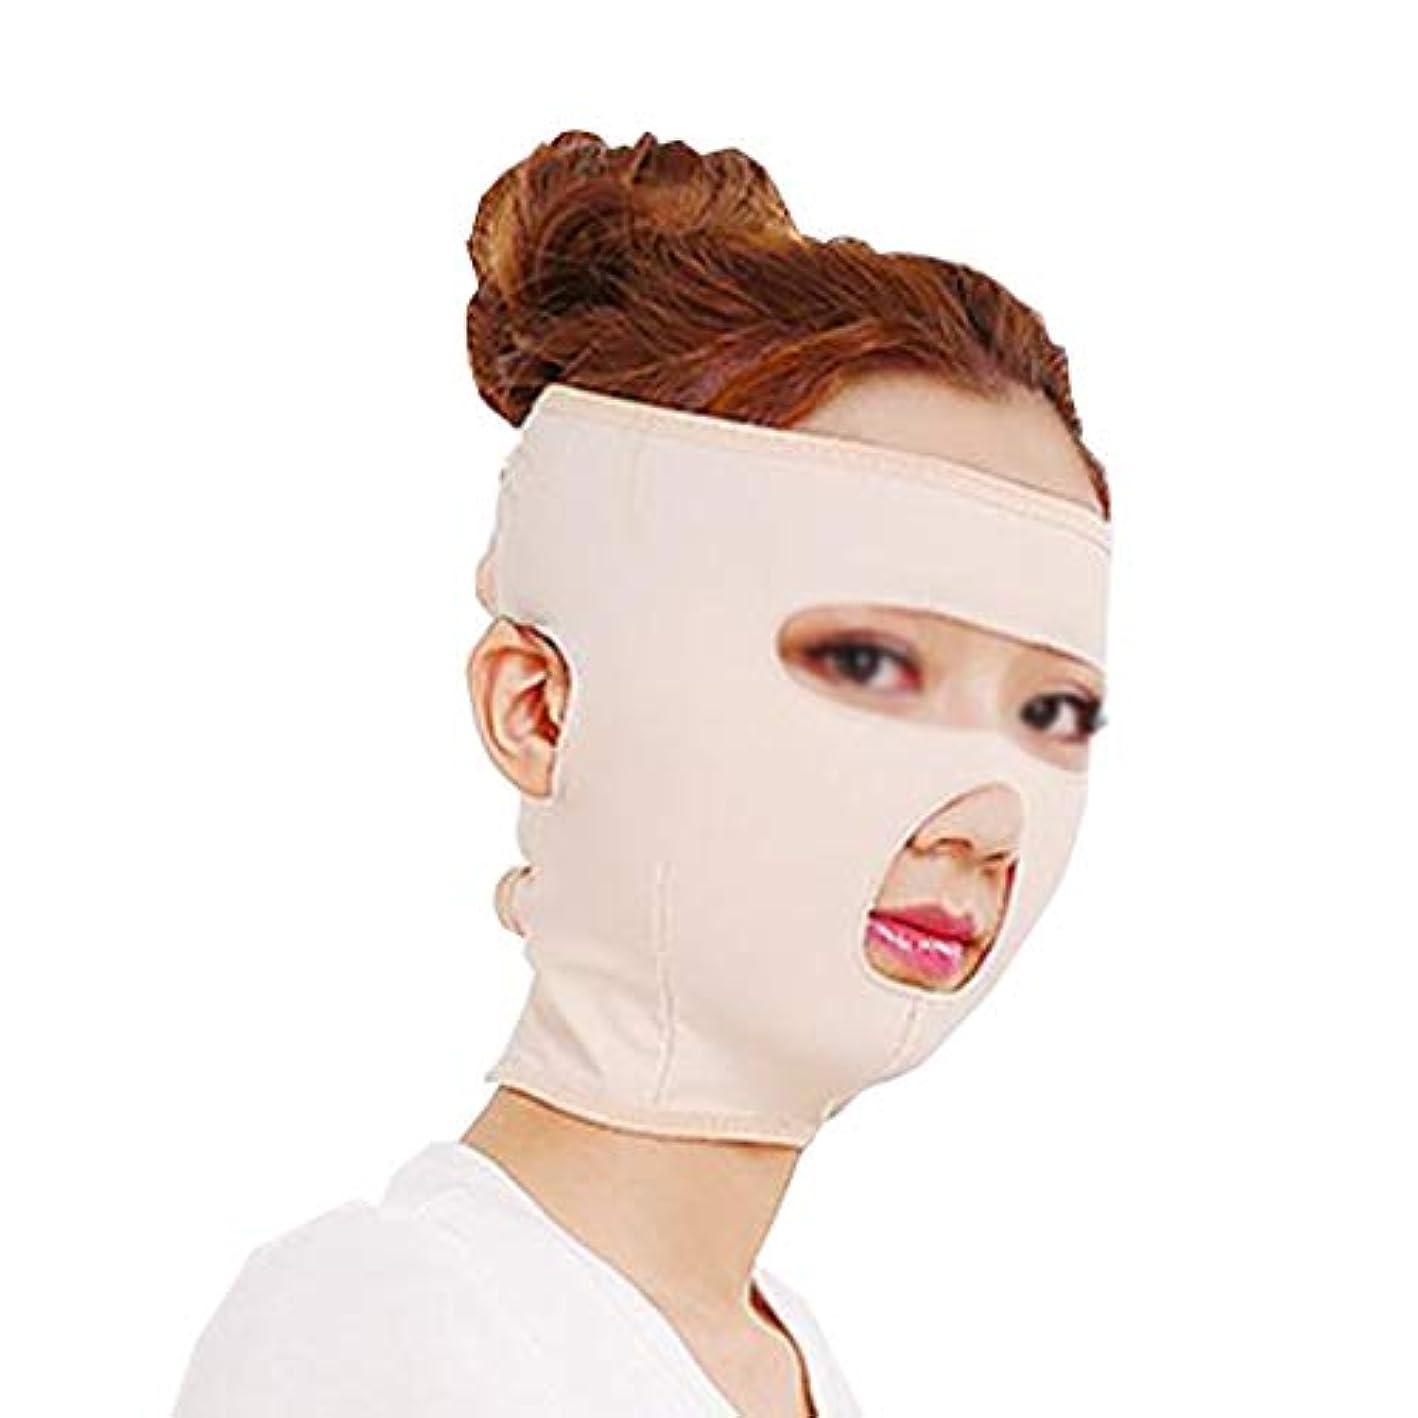 証言する不平を言うヘルパーZWBD フェイスマスク, 強力なフェイスマスクフェイスマスクフェイスウェイトバンデージファーミングフェイスマスクフェイスマスク